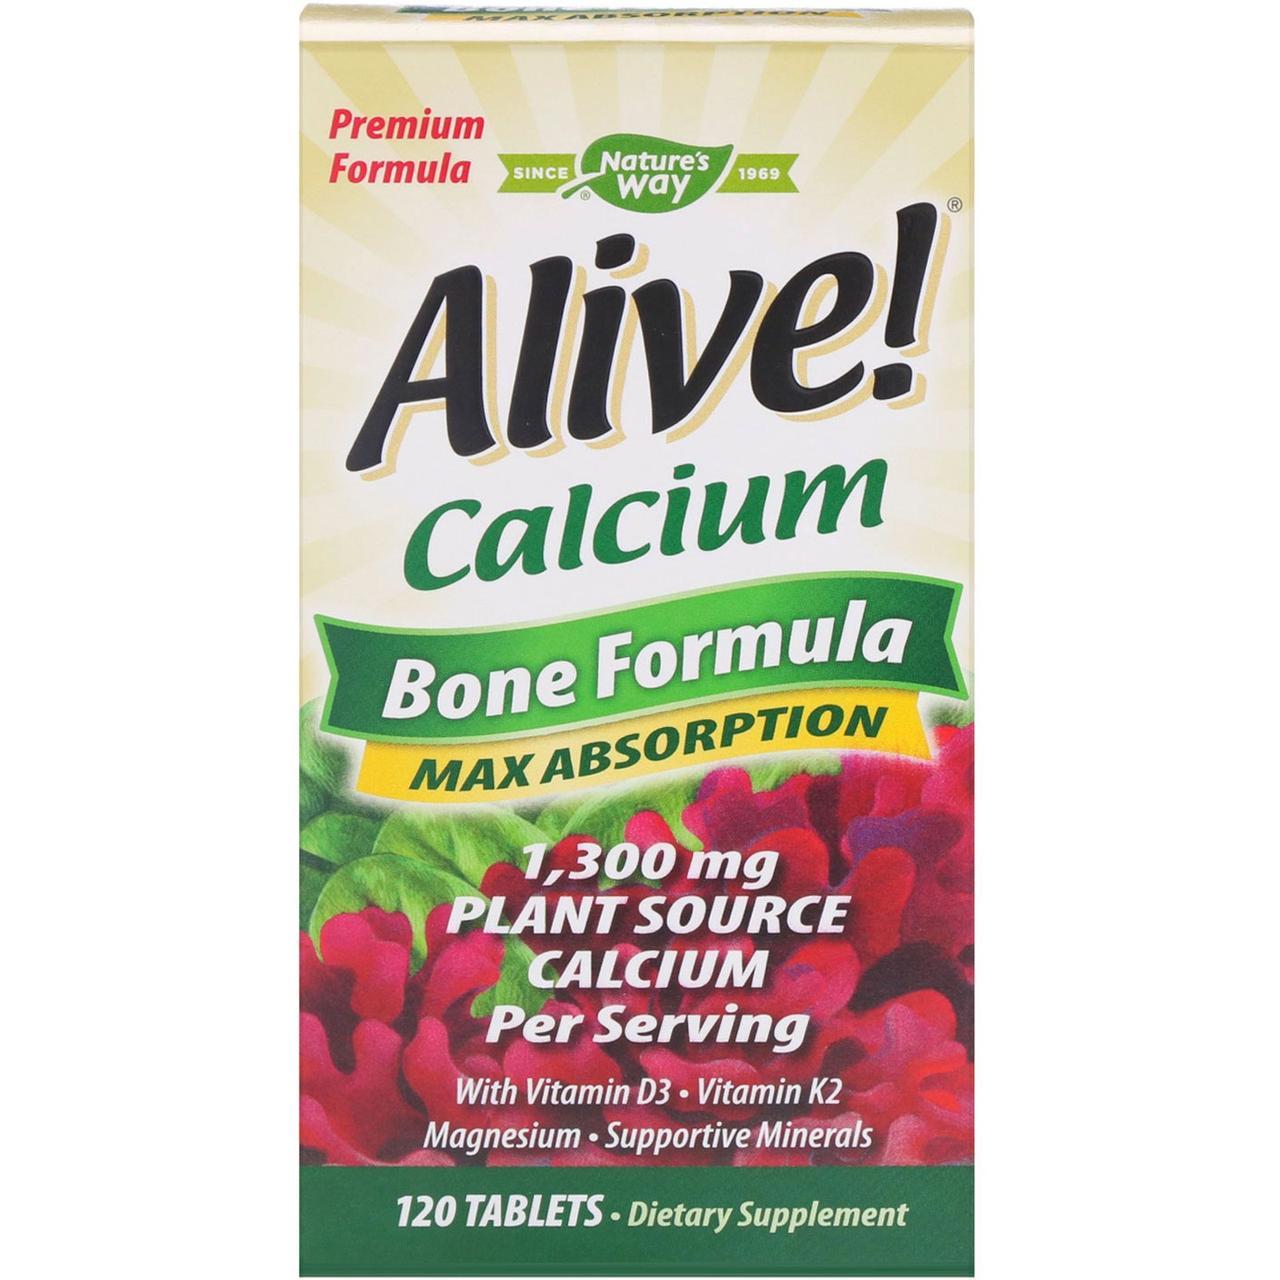 Nature's Way, Живой! Кальций, костная формула, 120 таблеток